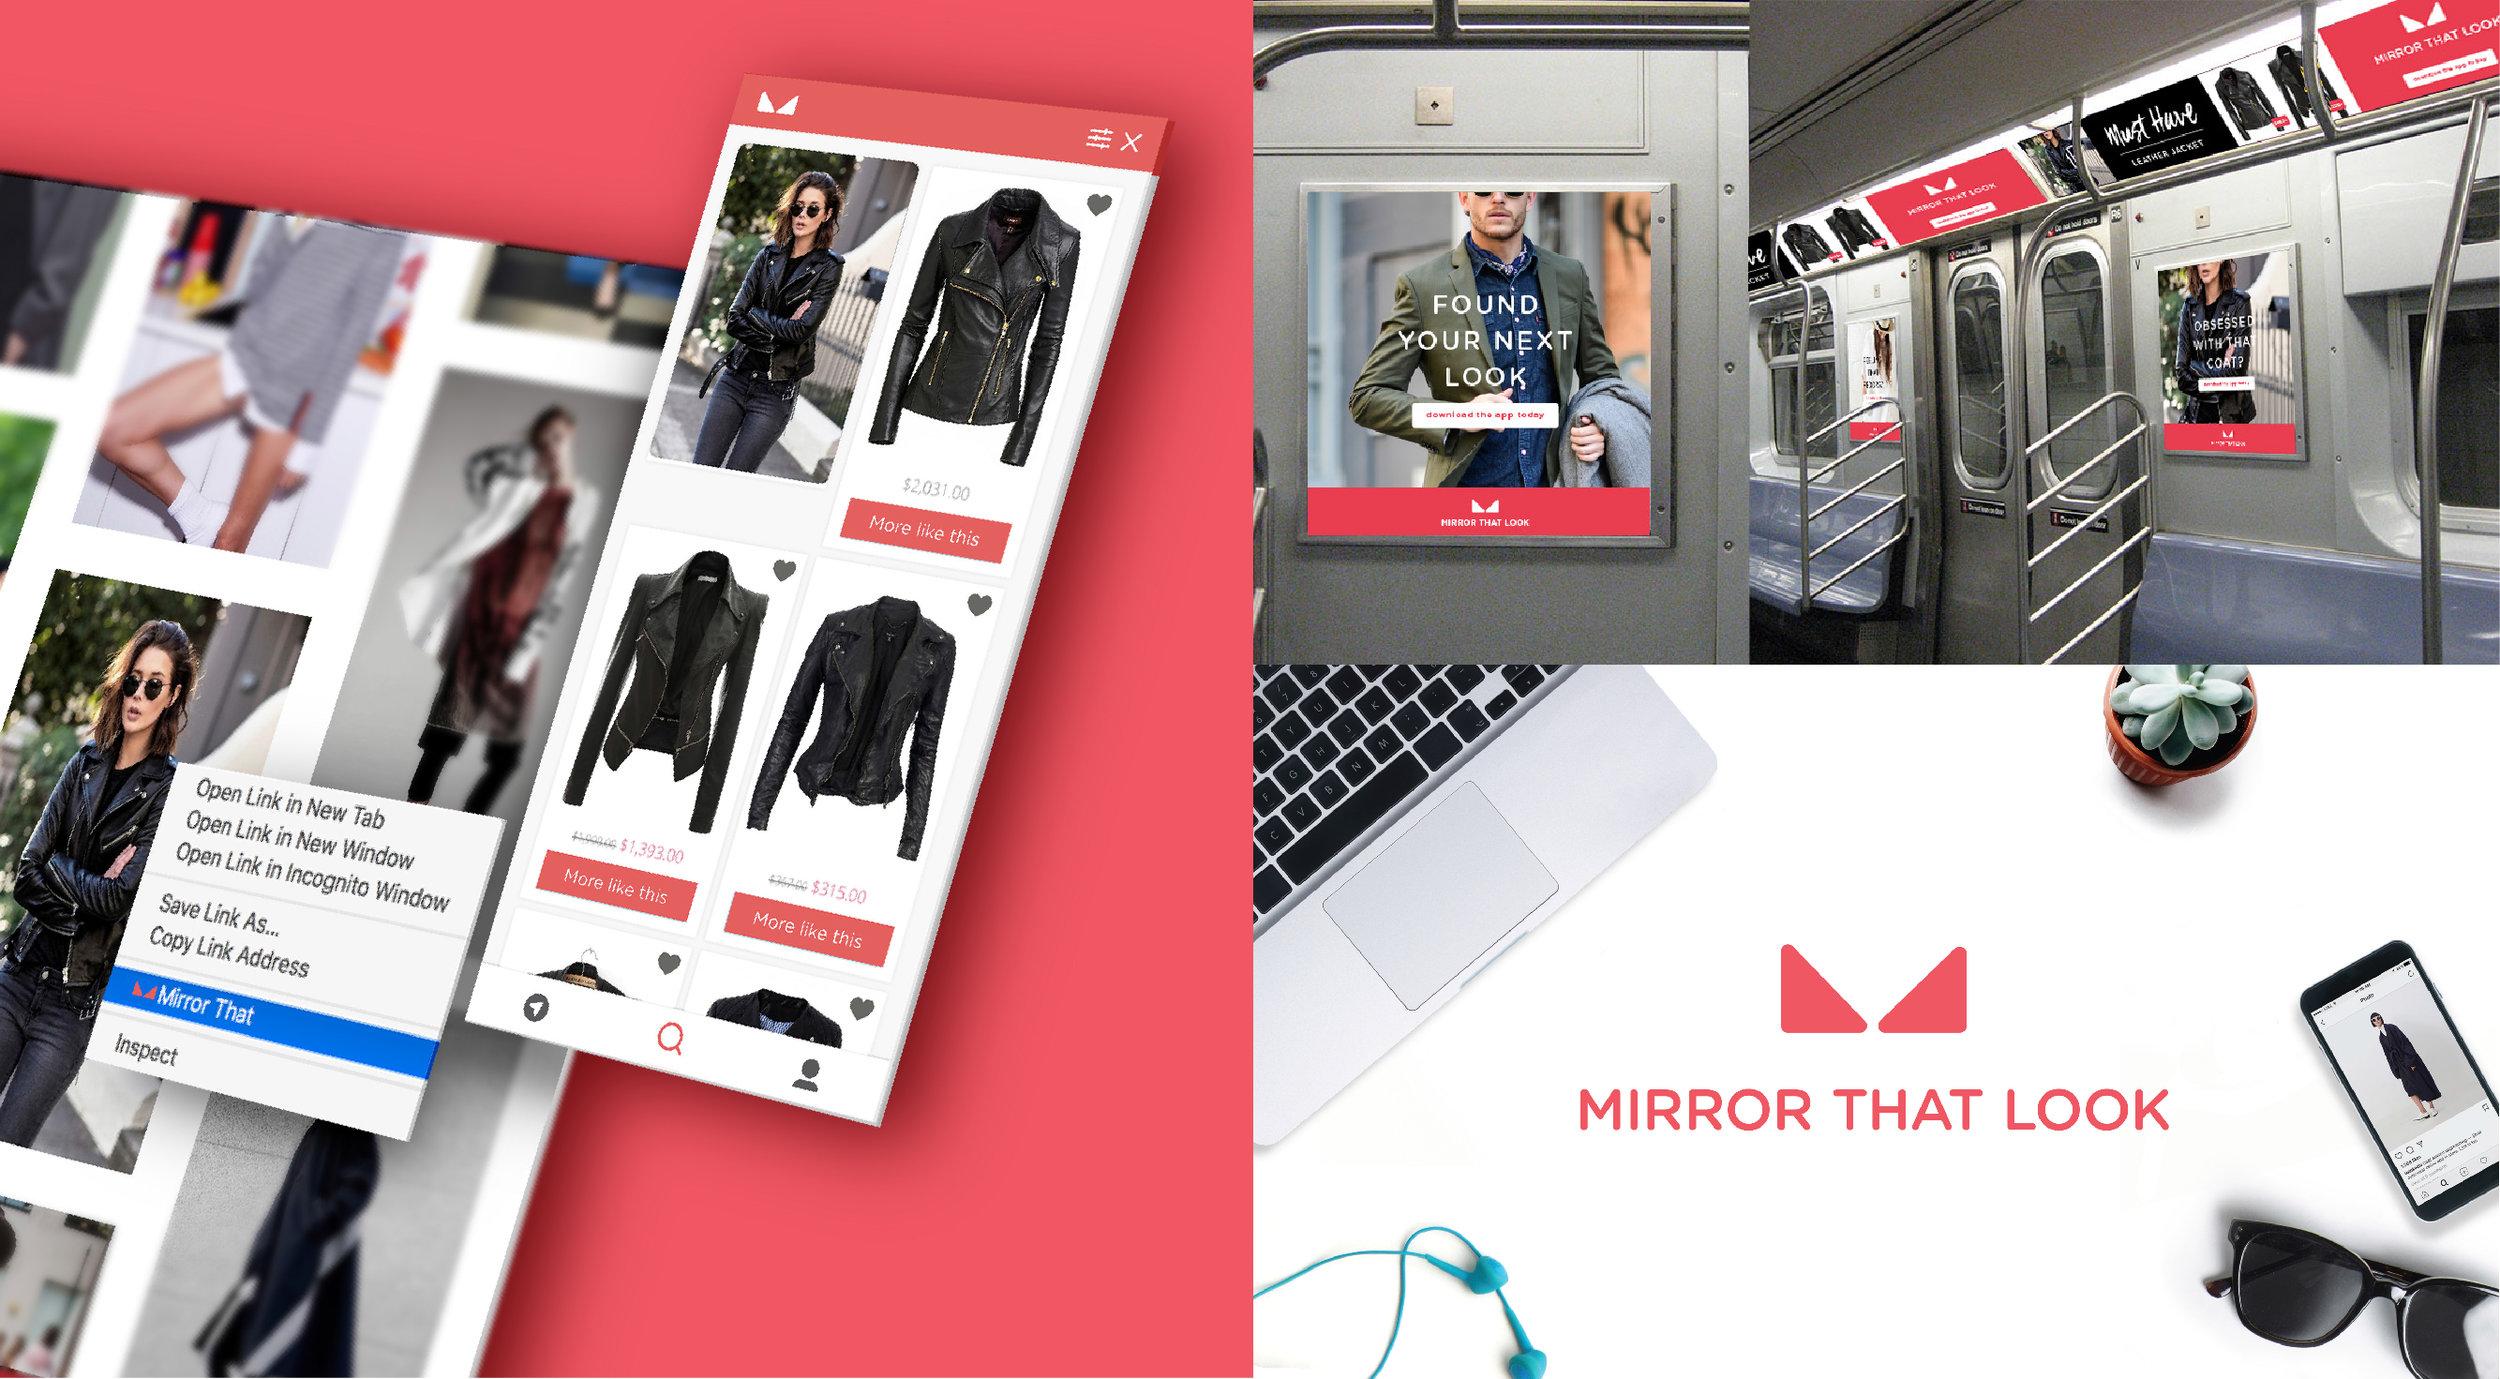 SDP_MirrorThatLook_2.jpg